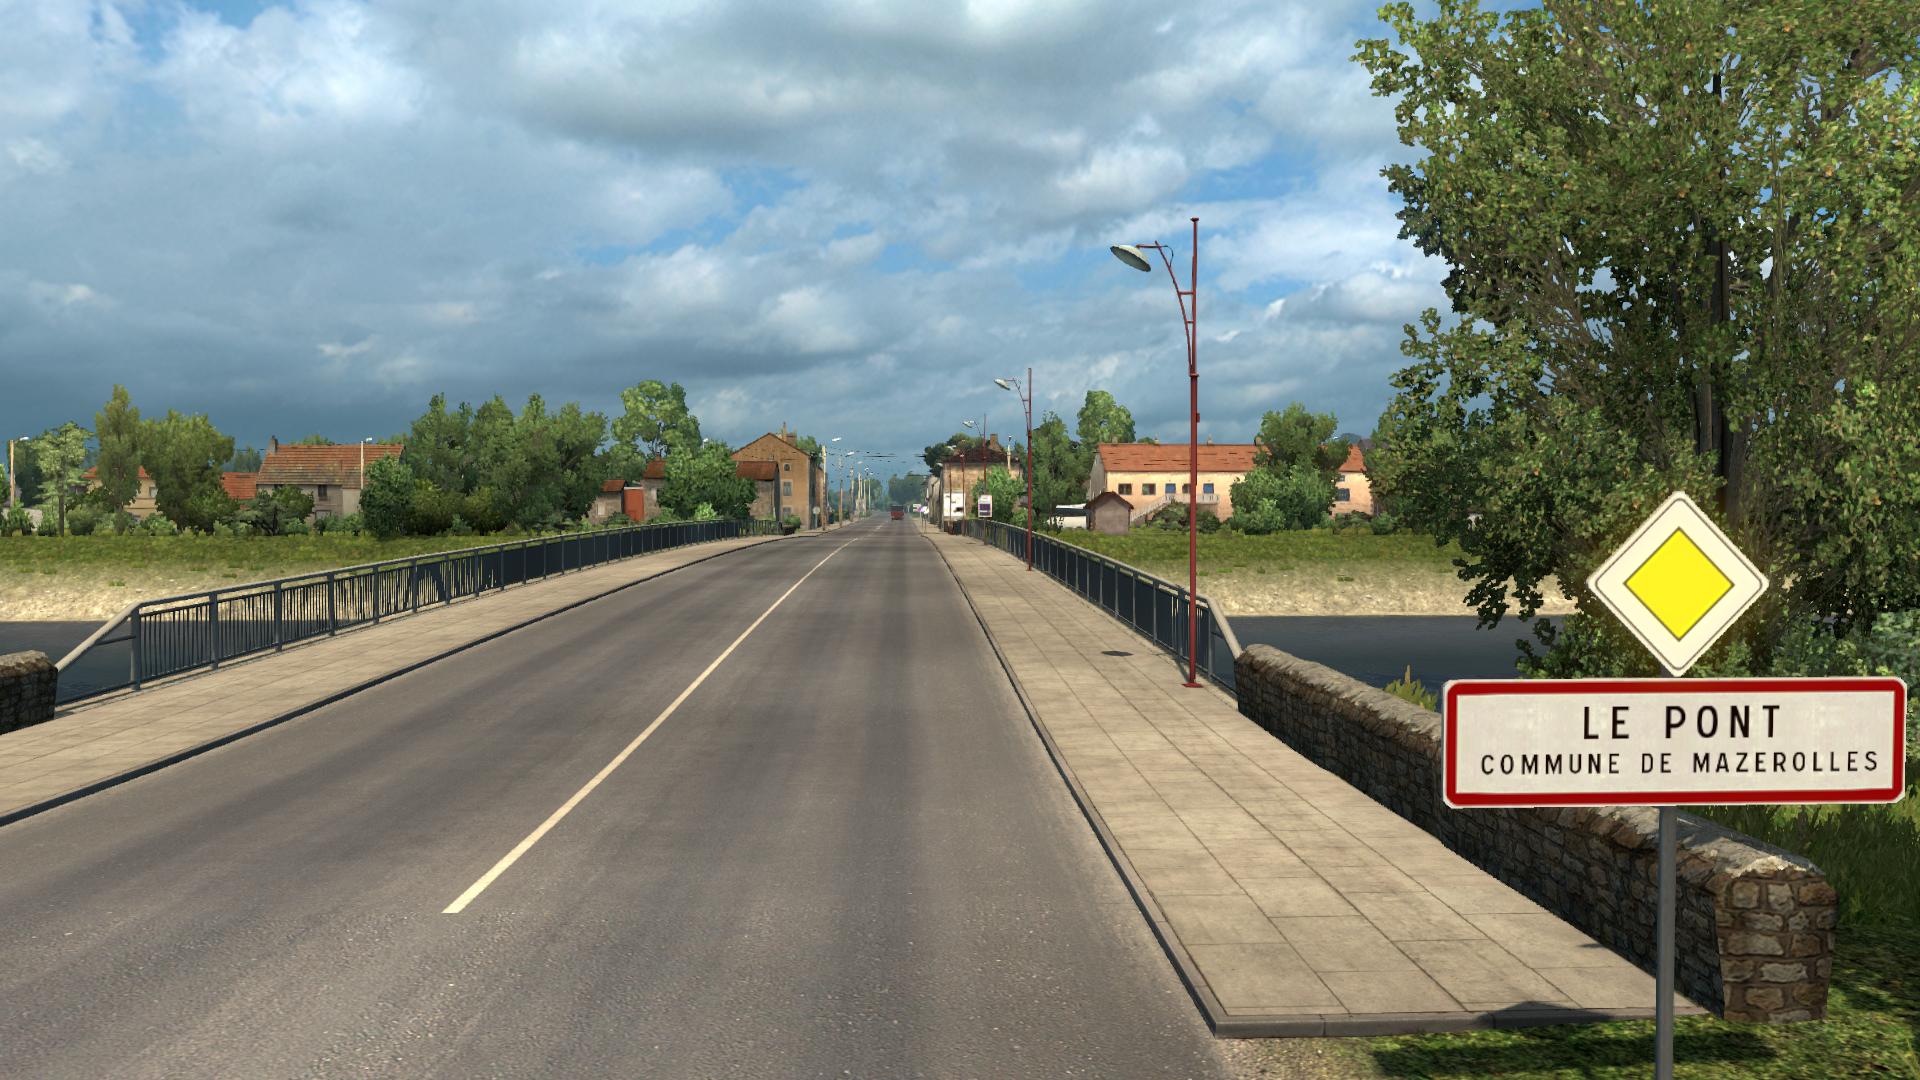 Le Pont, Mazerolles